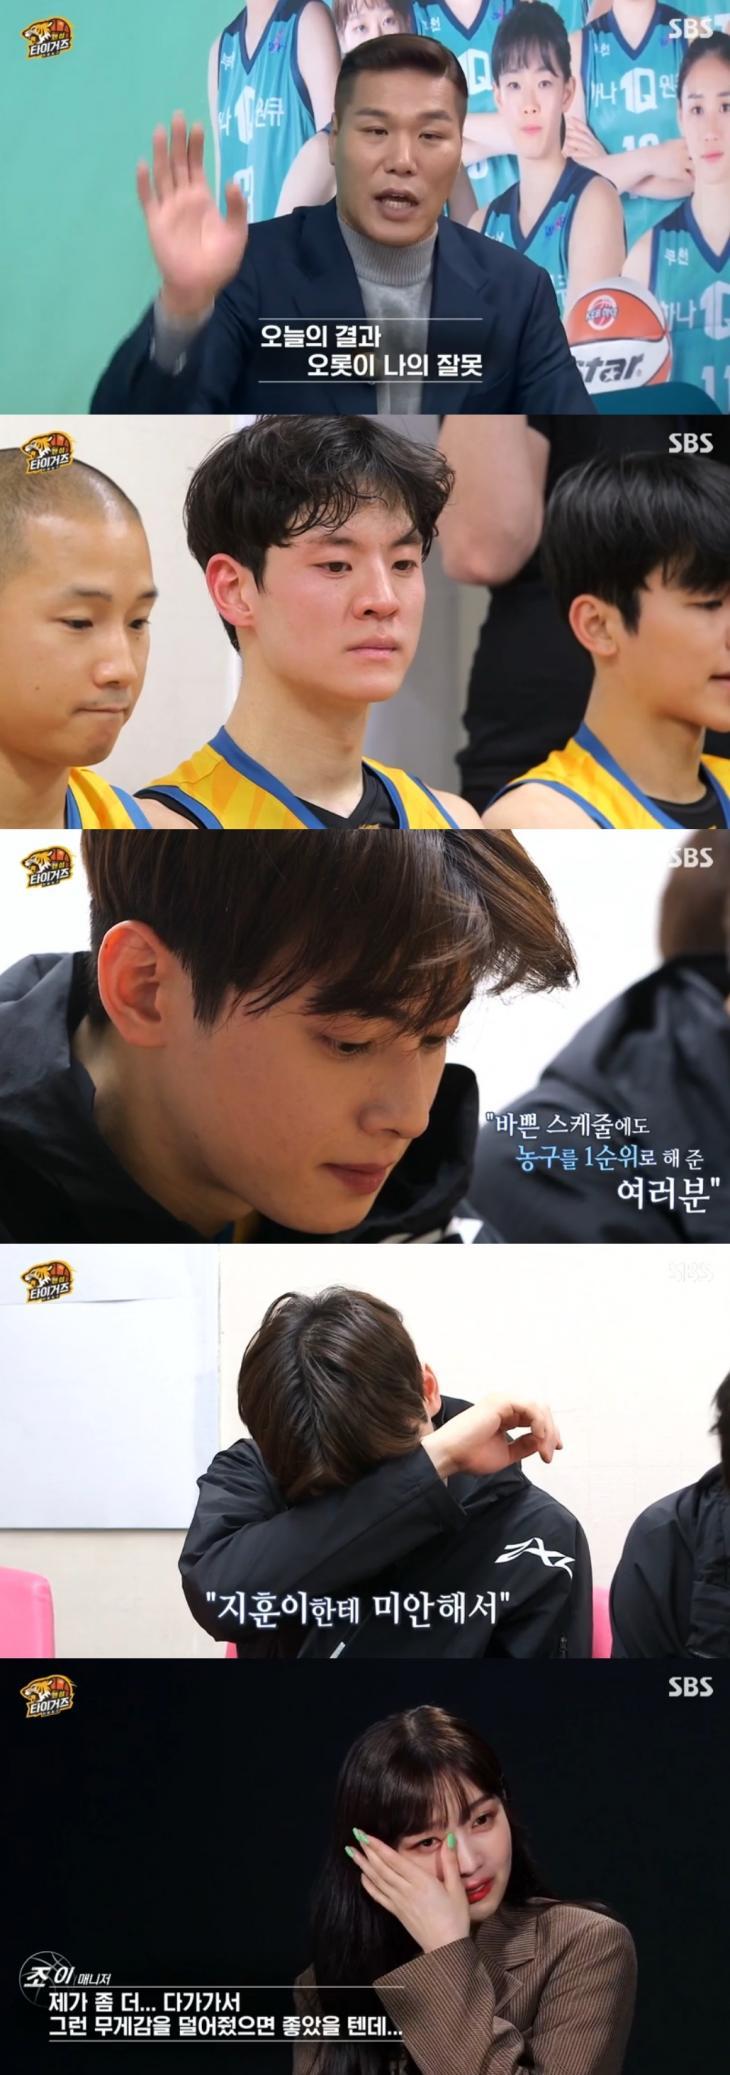 SBS 예능프로그램 '진짜 농구 핸섬 타이거즈'